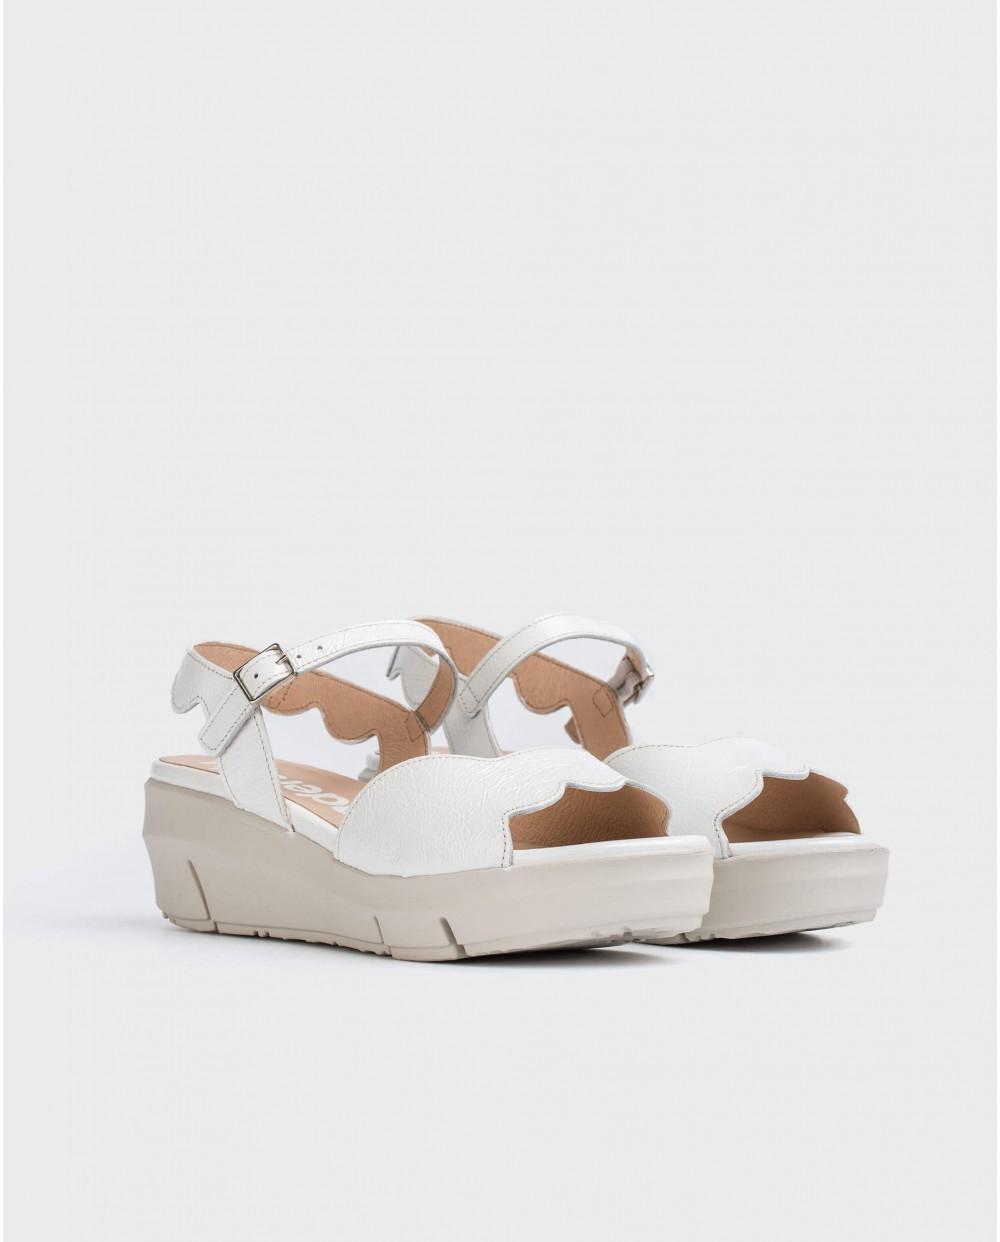 Wonders-Sandals-Sandal with wave/cut detail